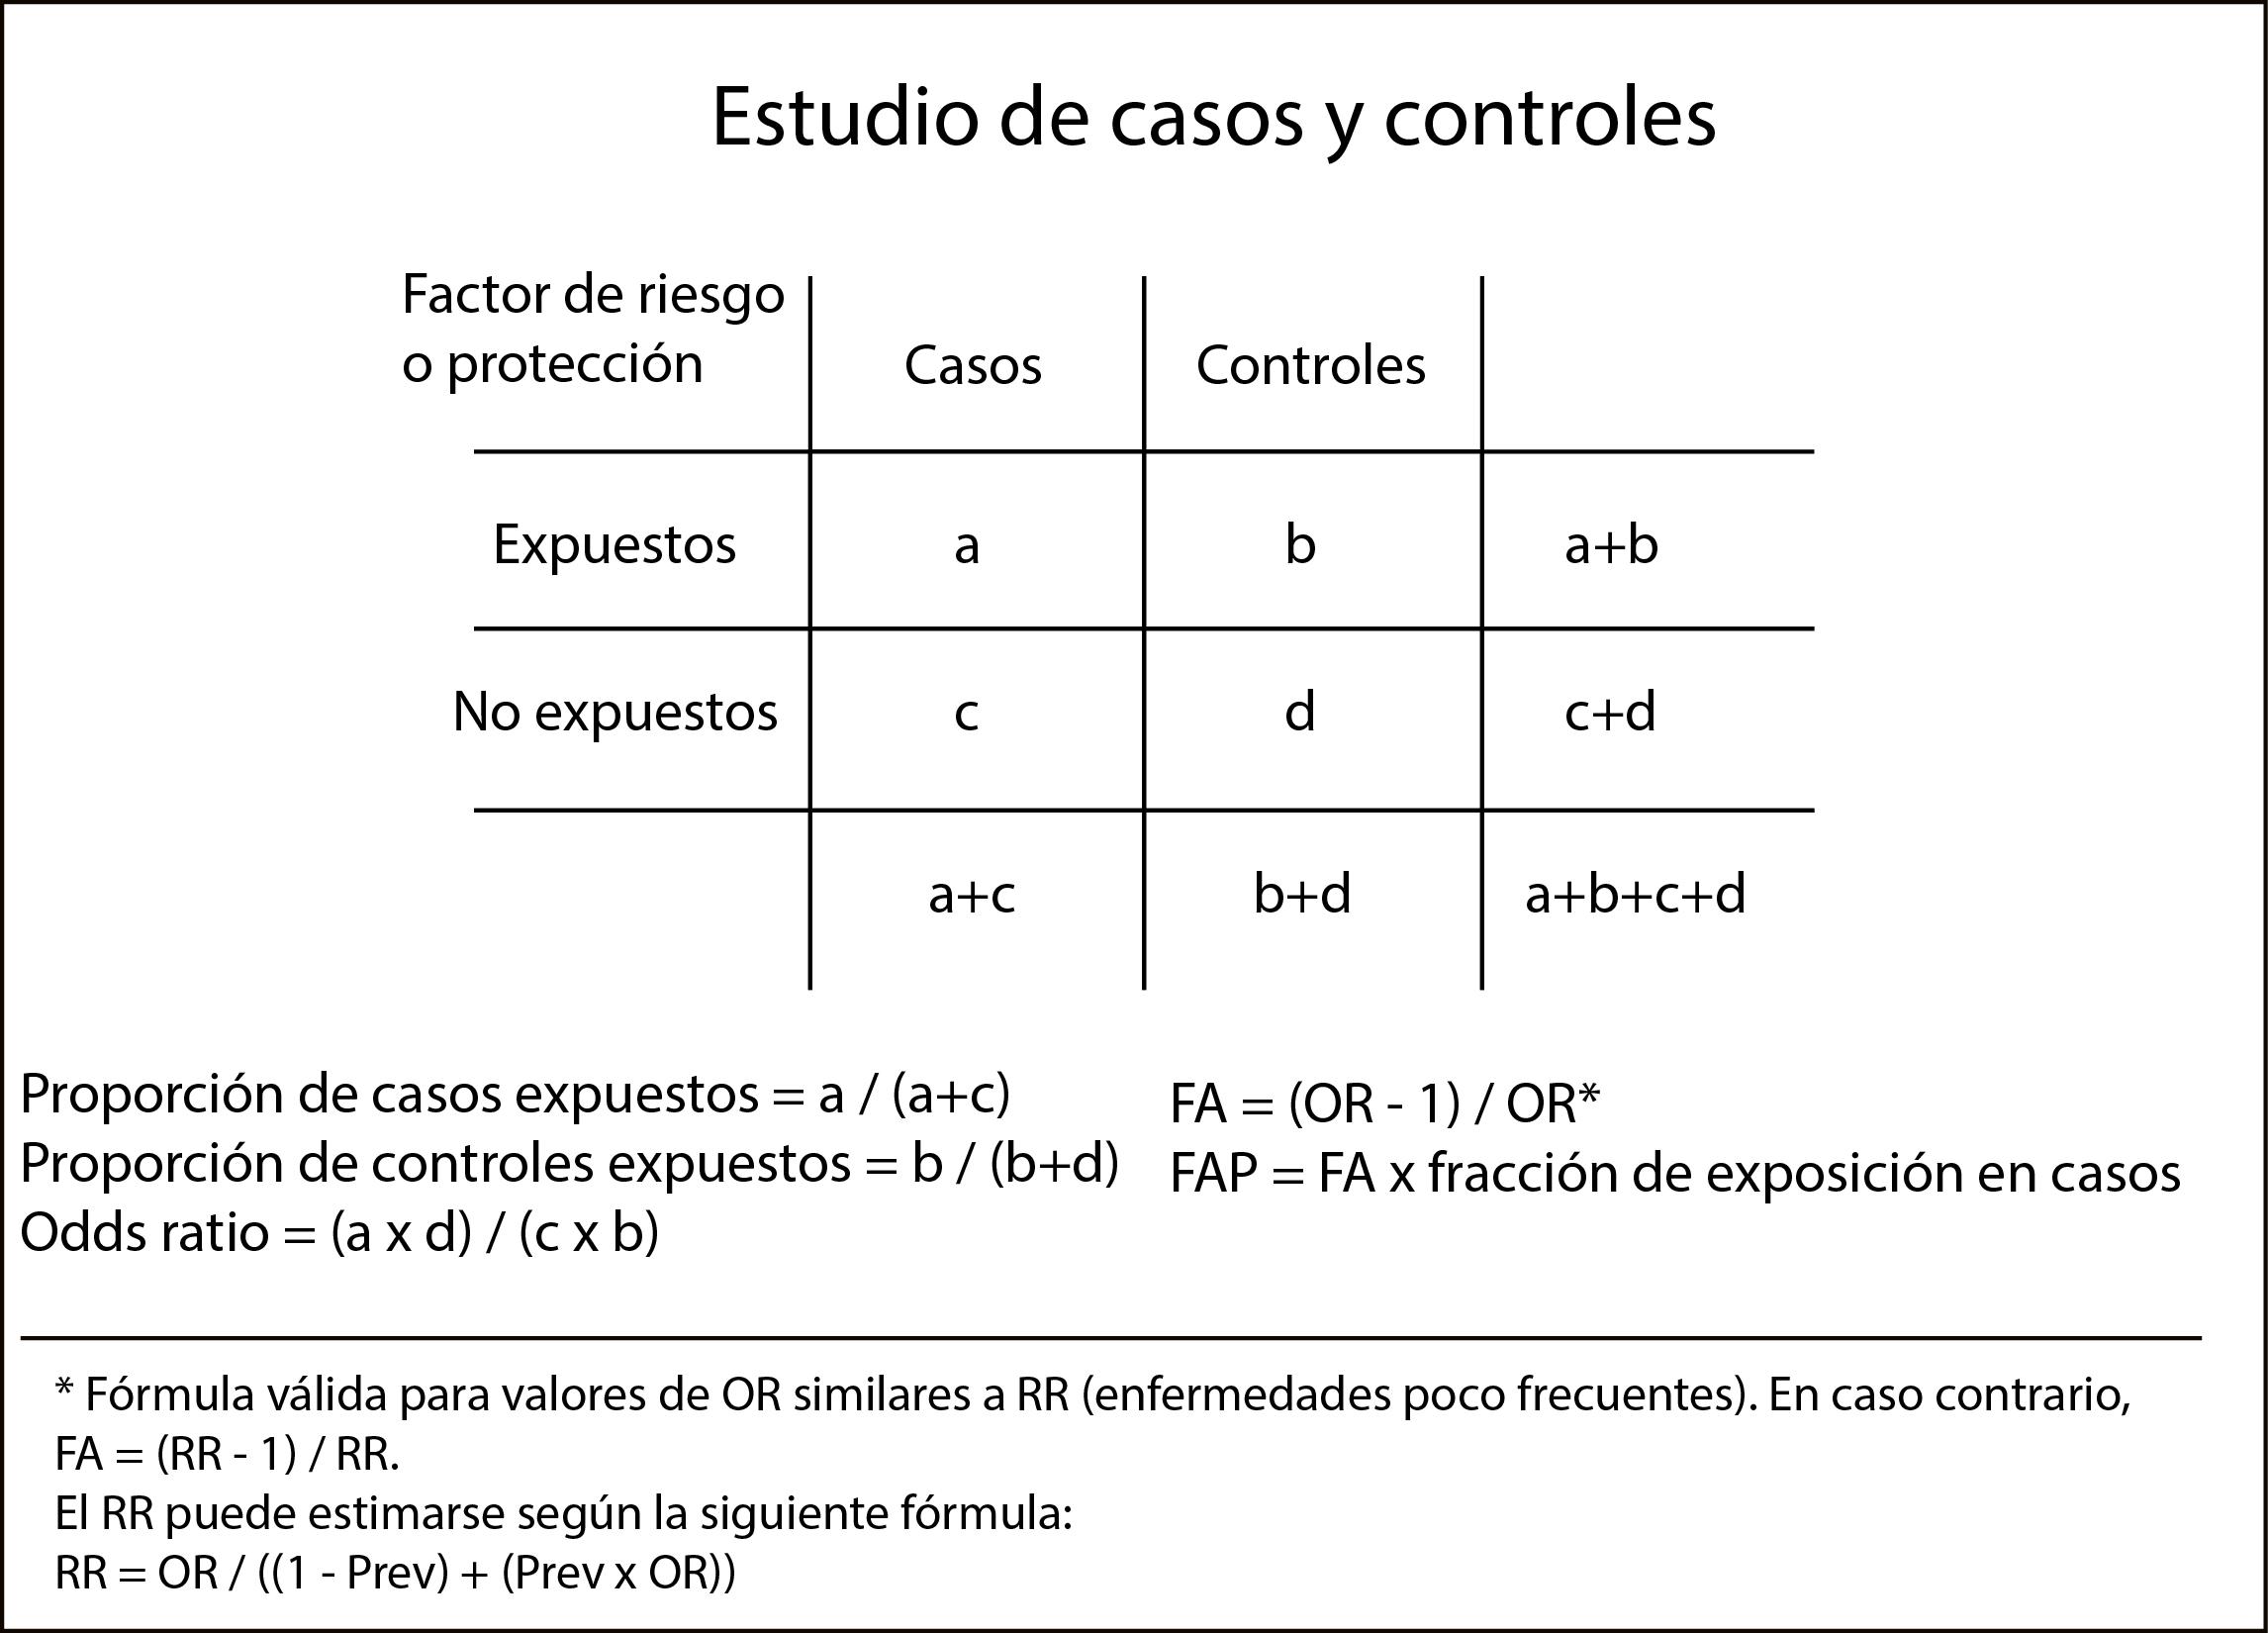 Figura 2.  Tabla de contingencia para el cálculo de medidas de frecuencia, asociación e impacto en estudios de casos y controles.